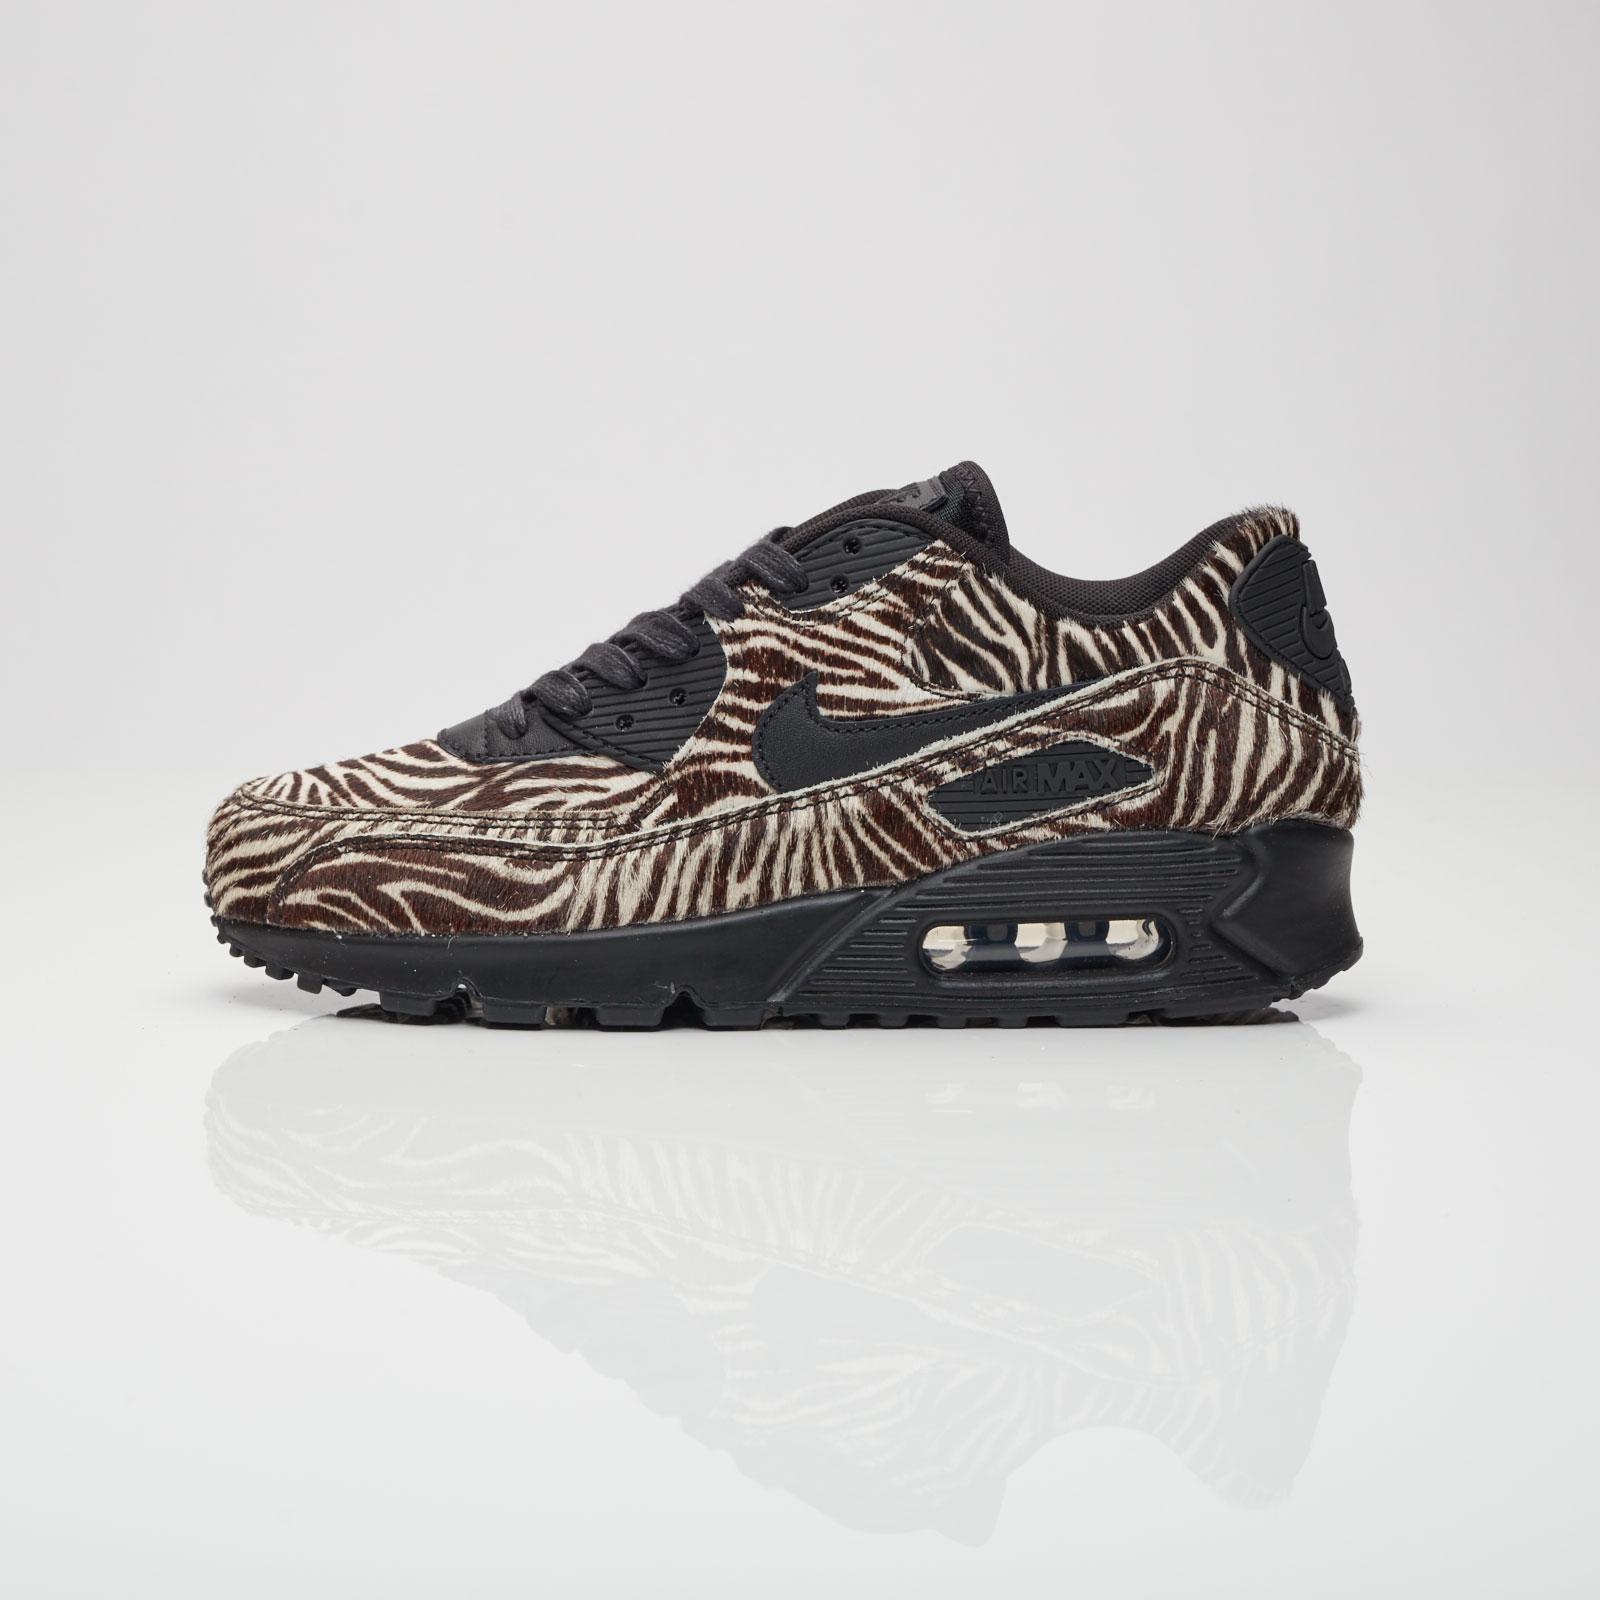 Nike Wmns Air Max 90 Lx 898512 001 Sneakersnstuff